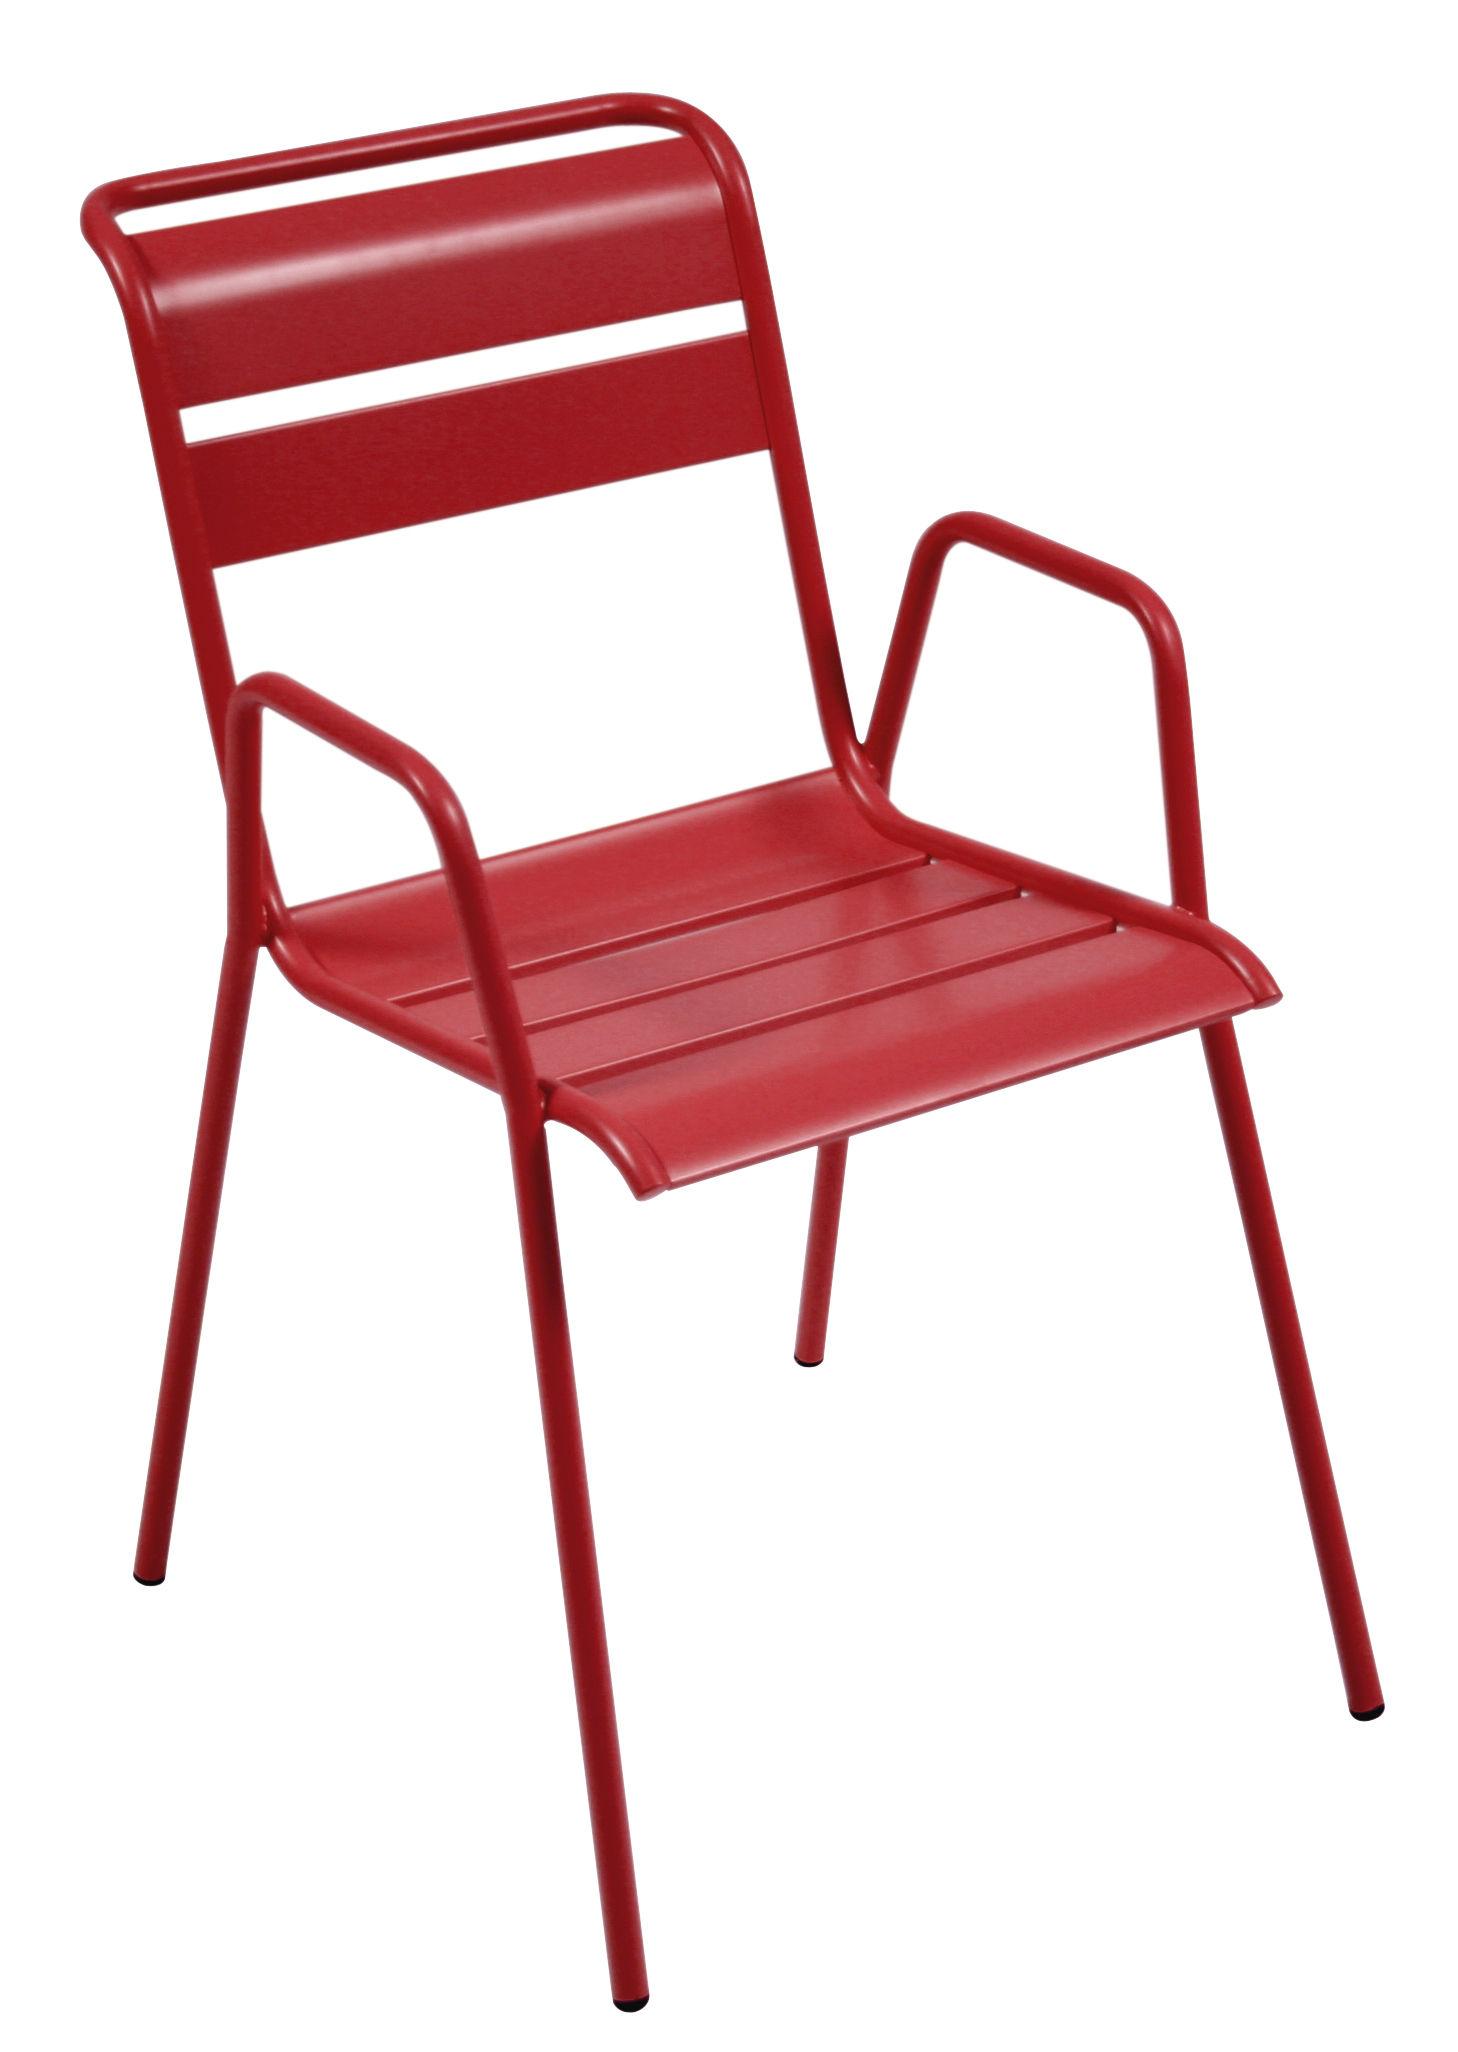 Mobilier - Chaises, fauteuils de salle à manger - Fauteuil empilable Monceau / Métal - Fermob - Coquelicot - Acier peint